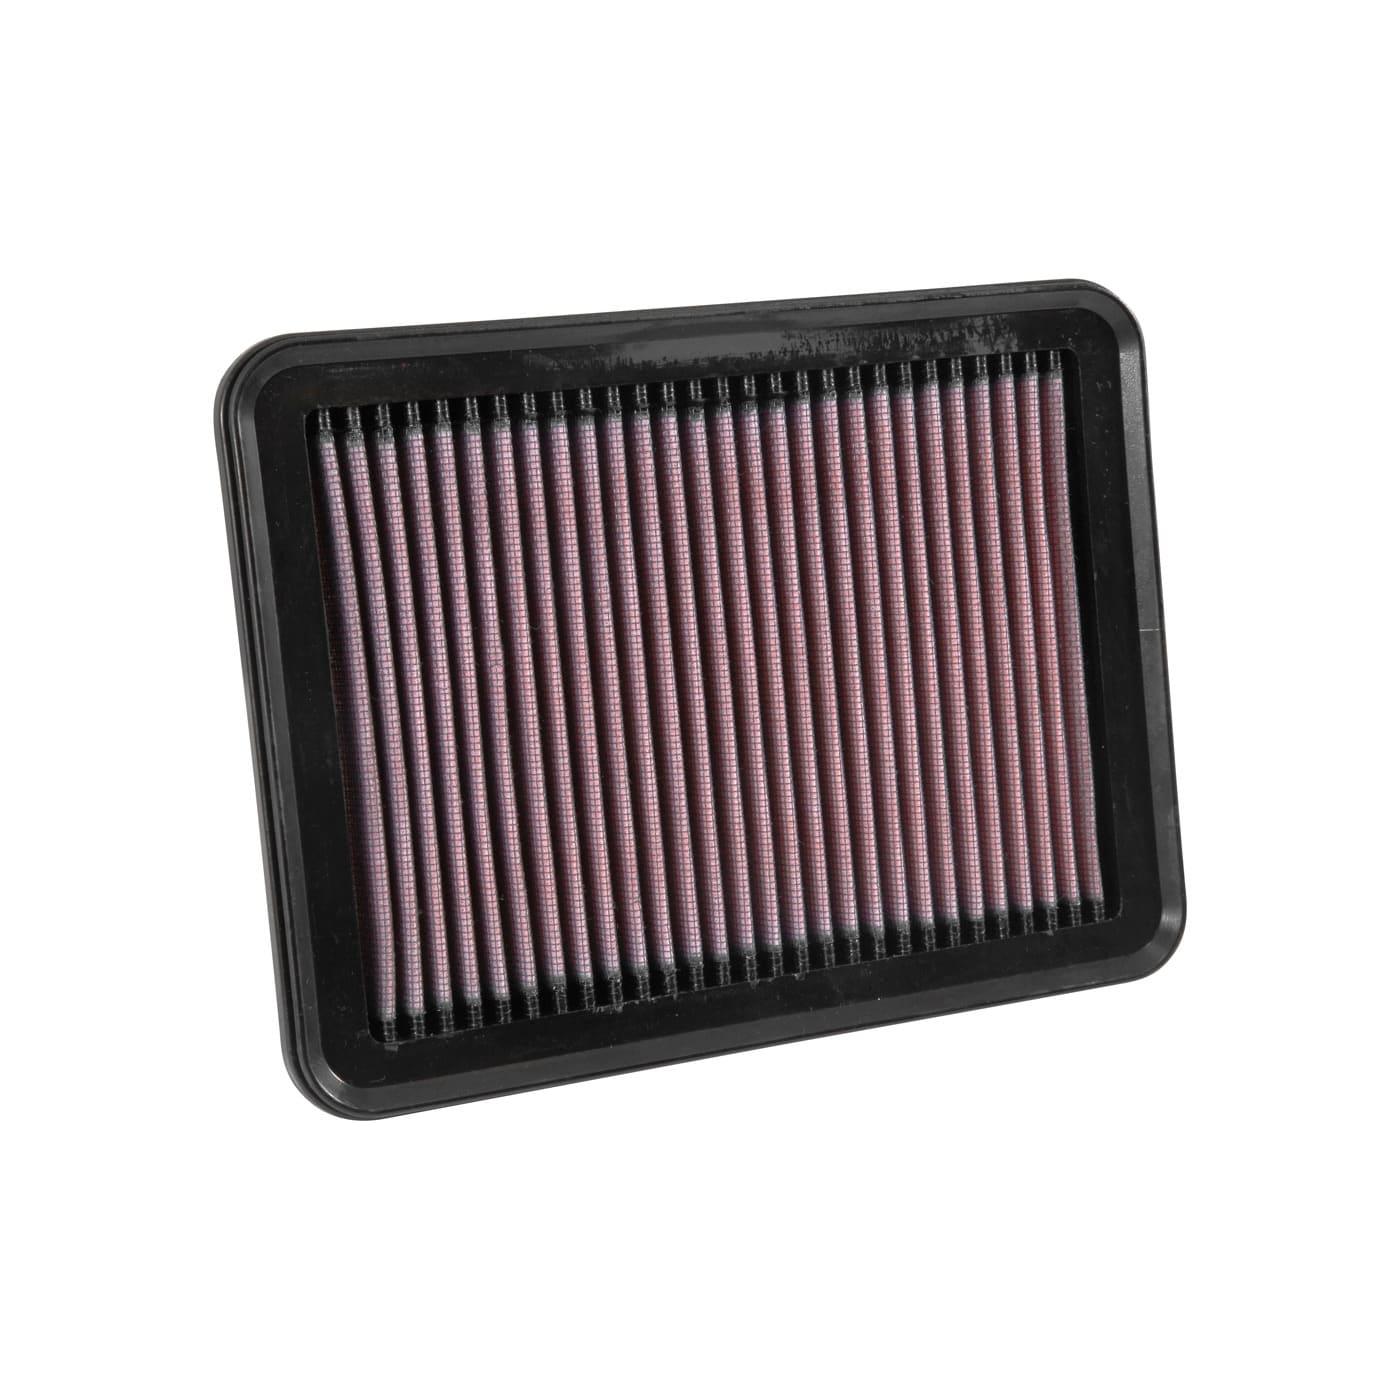 K/&N 33-5038 Replacement Air Filter